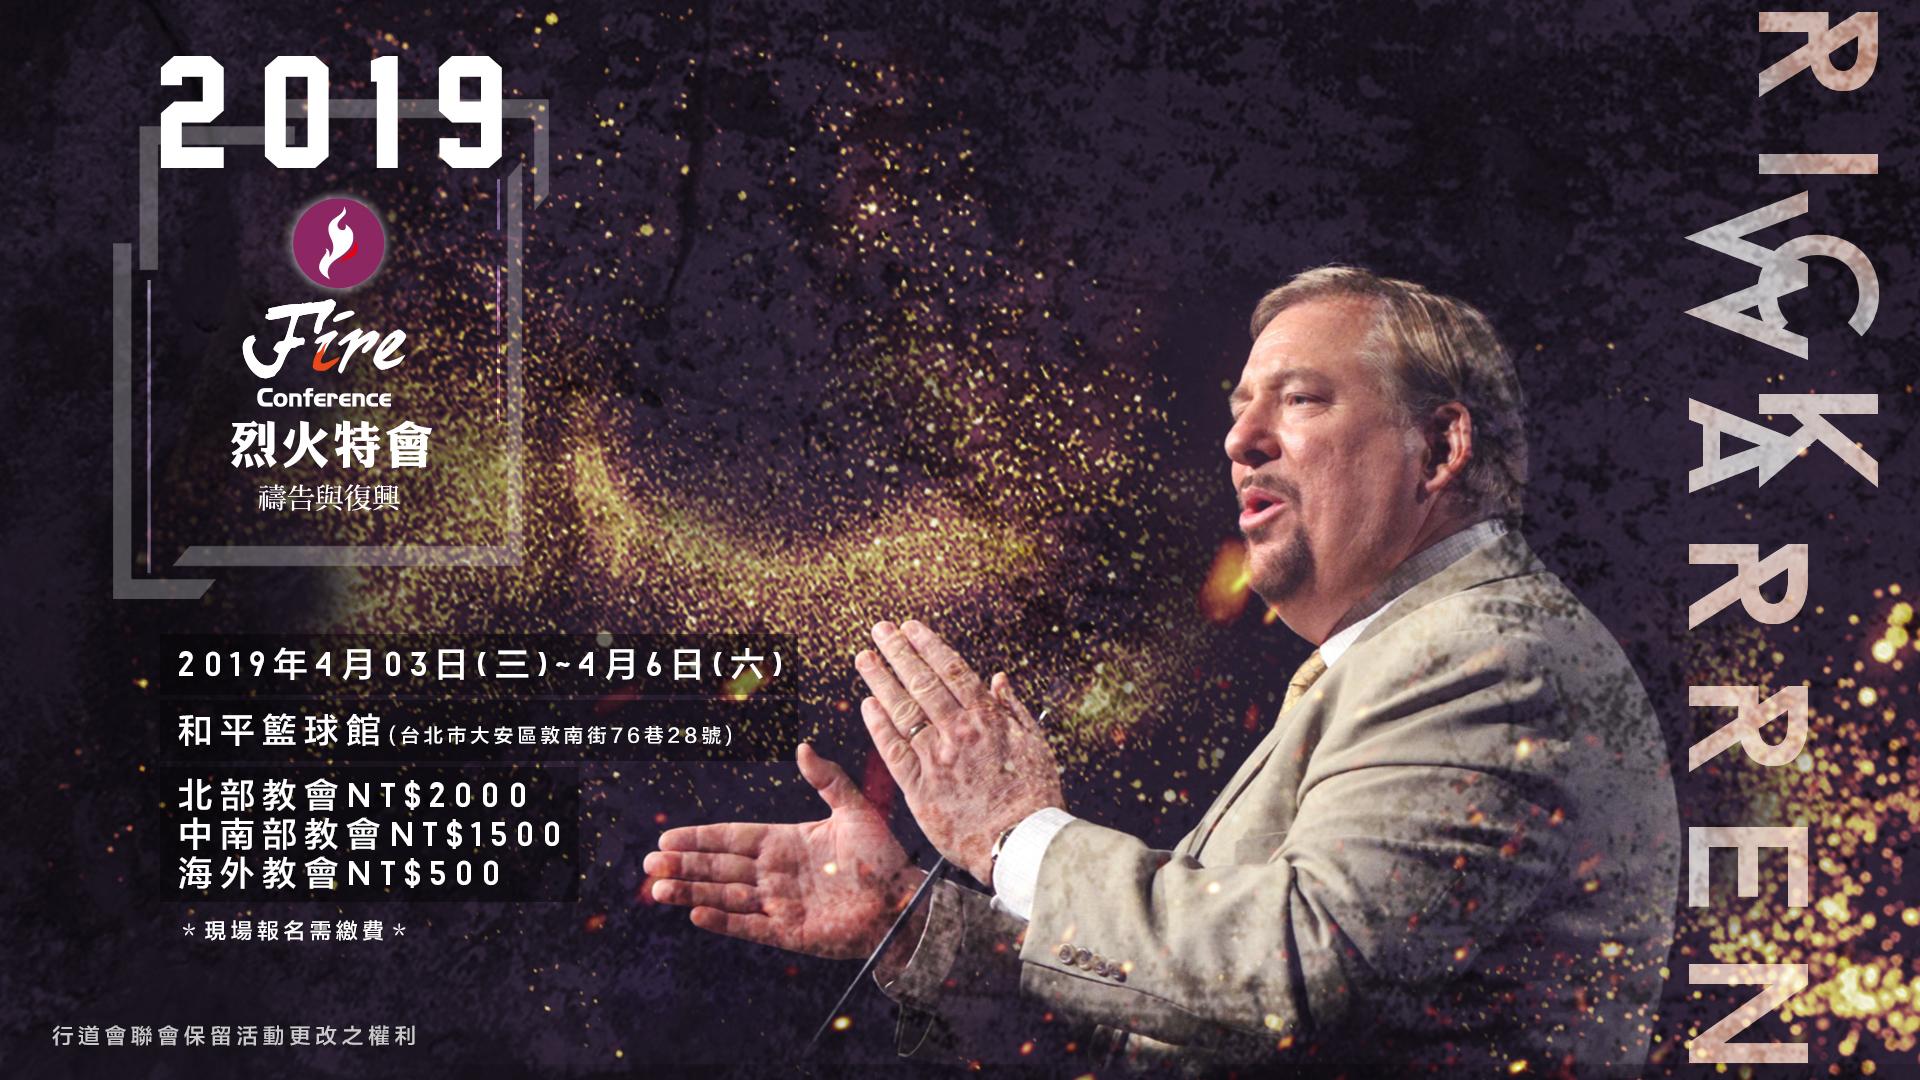 2019 烈火特會|禱告與復興